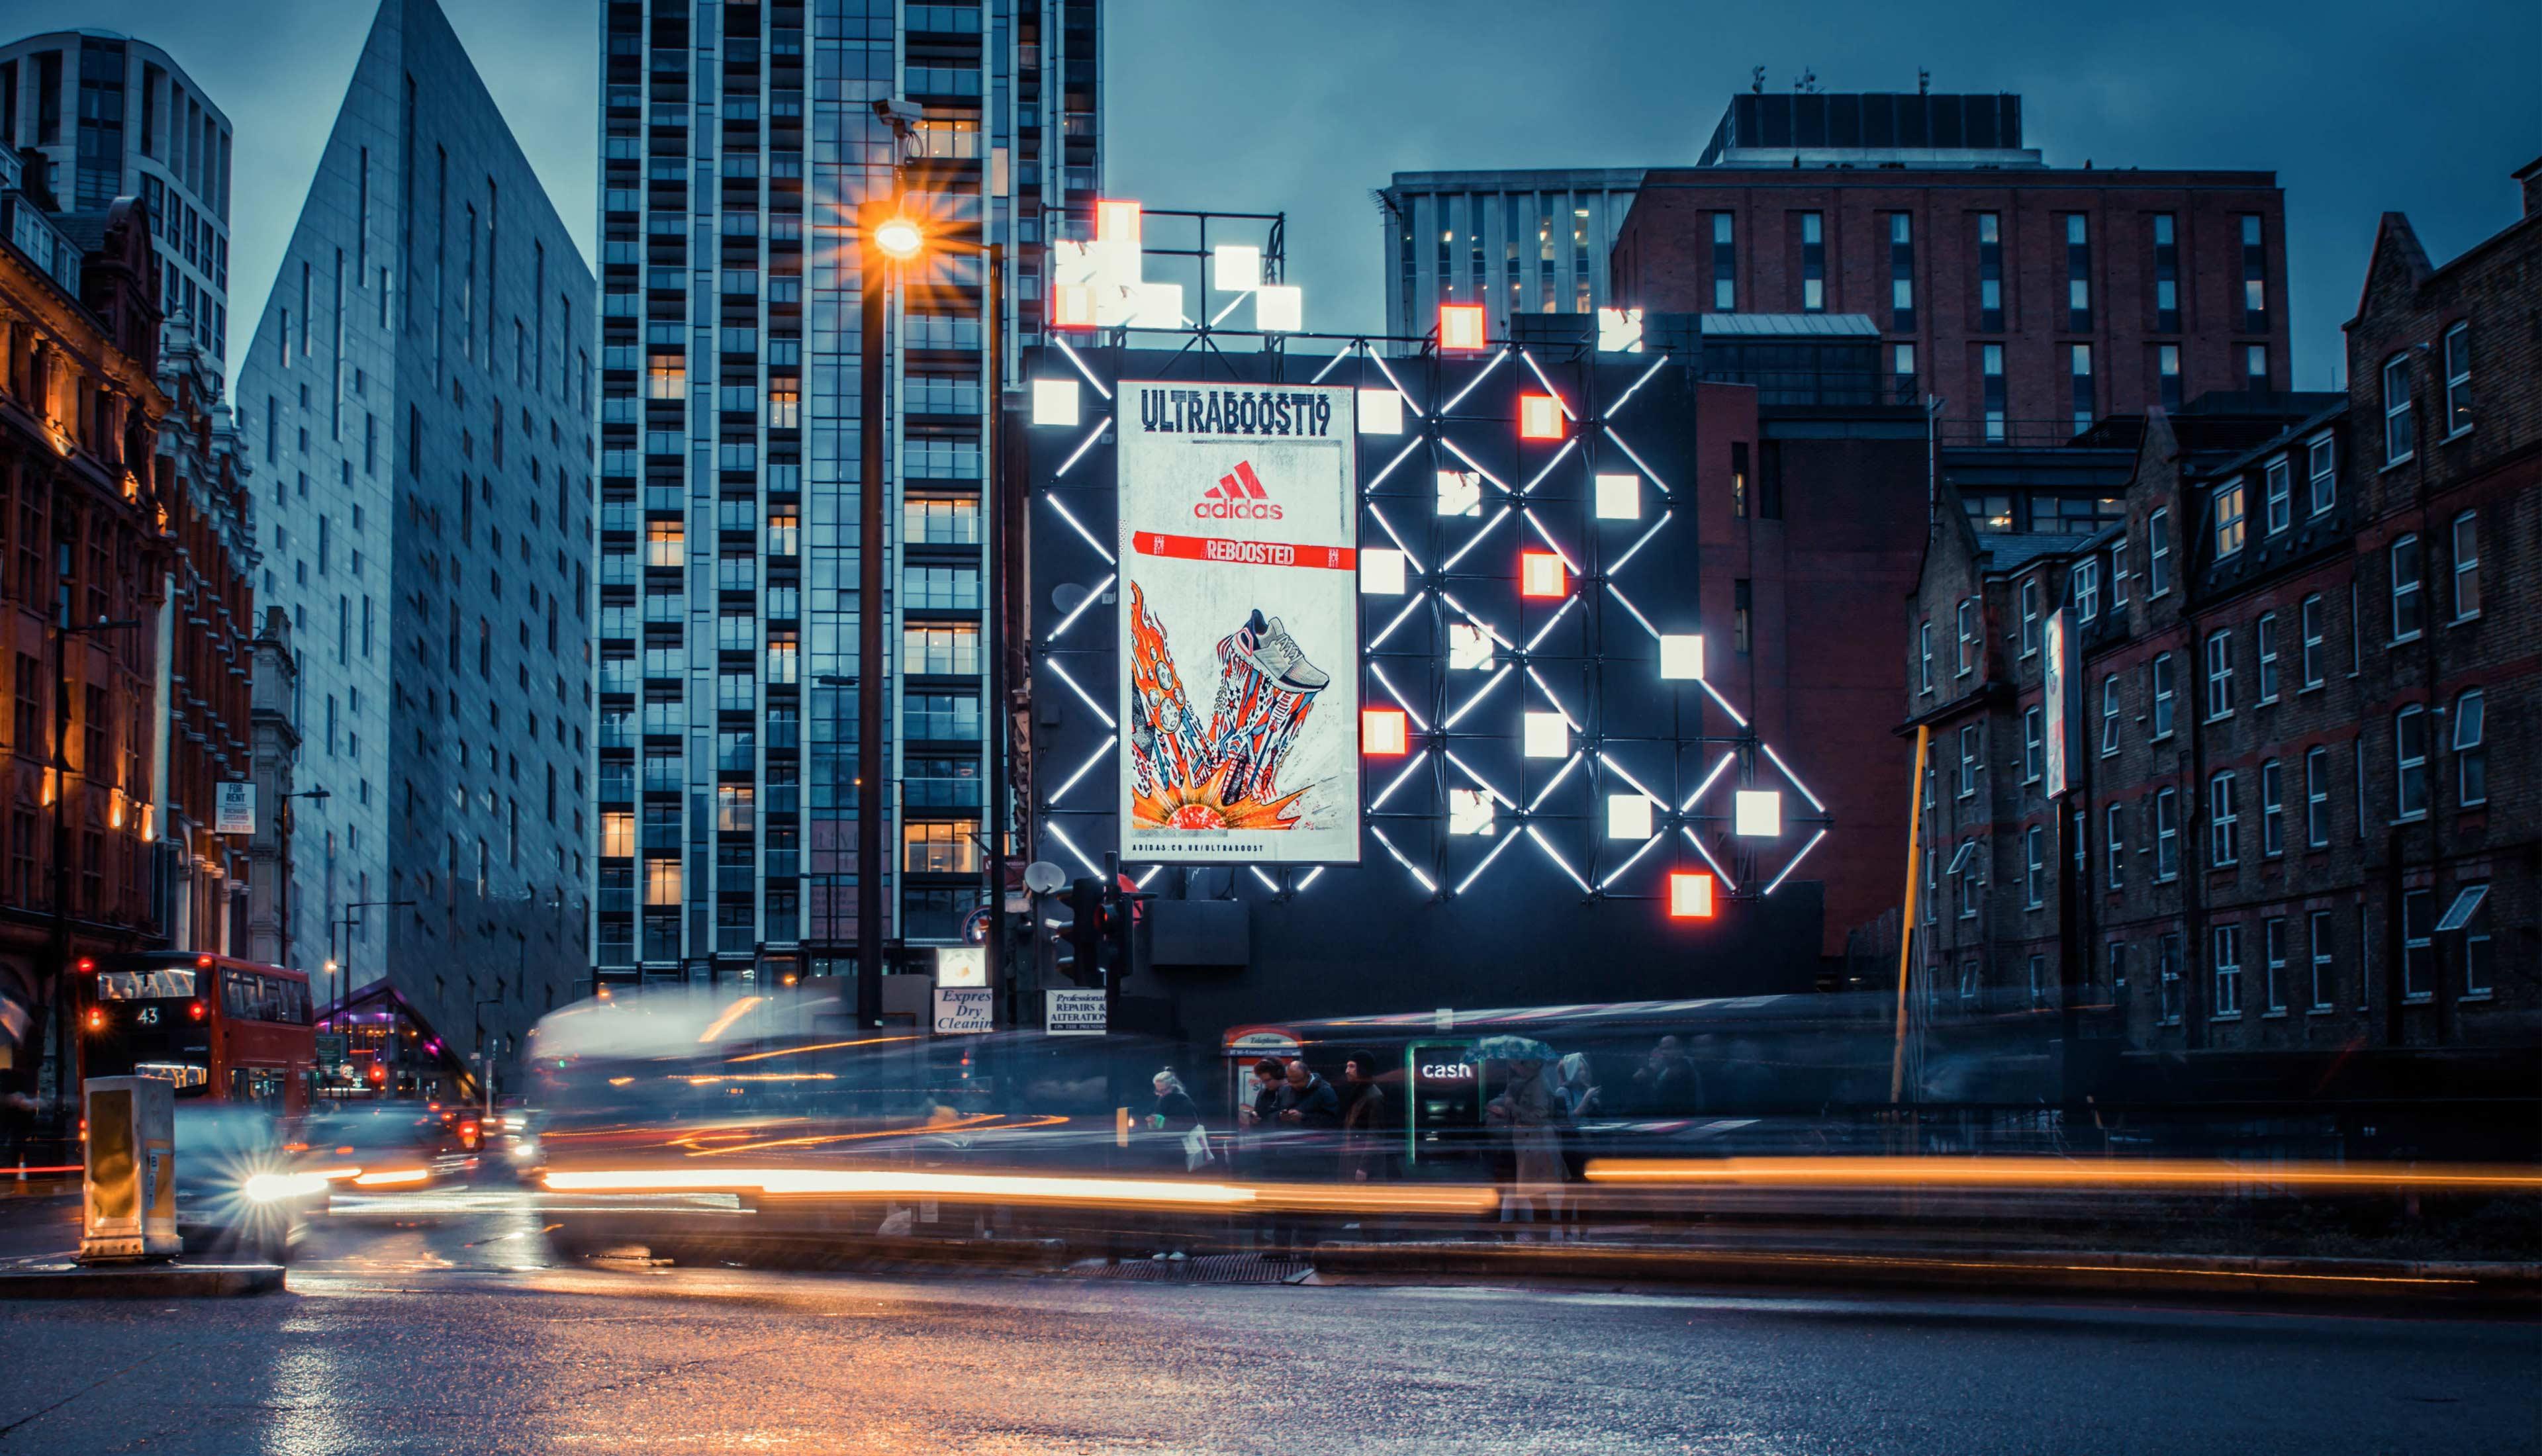 UB19_Old_Street_Digital_Canvas_Night_1-1